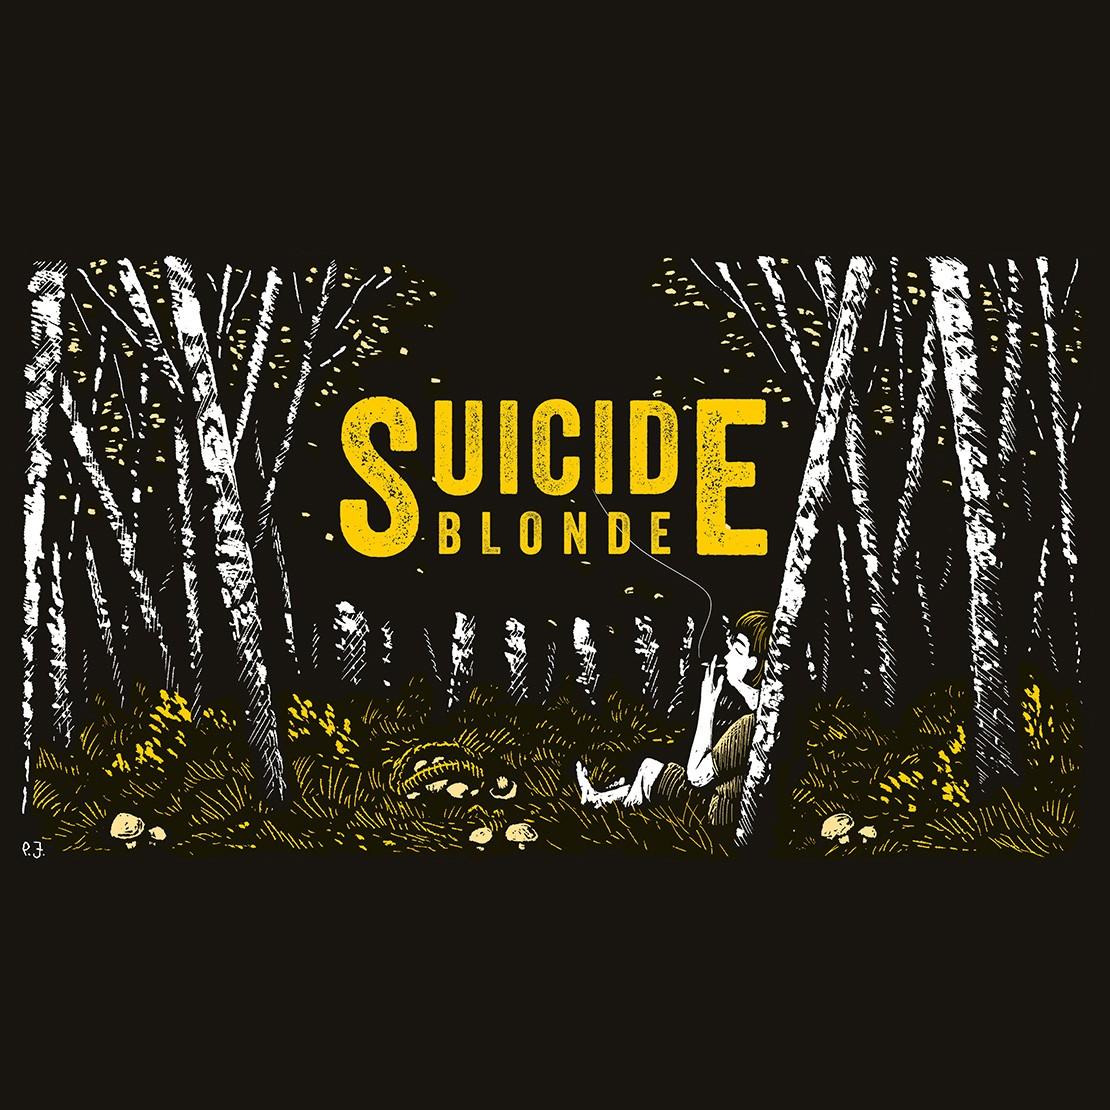 Ybnstoker Suicide Blonde 0,33L